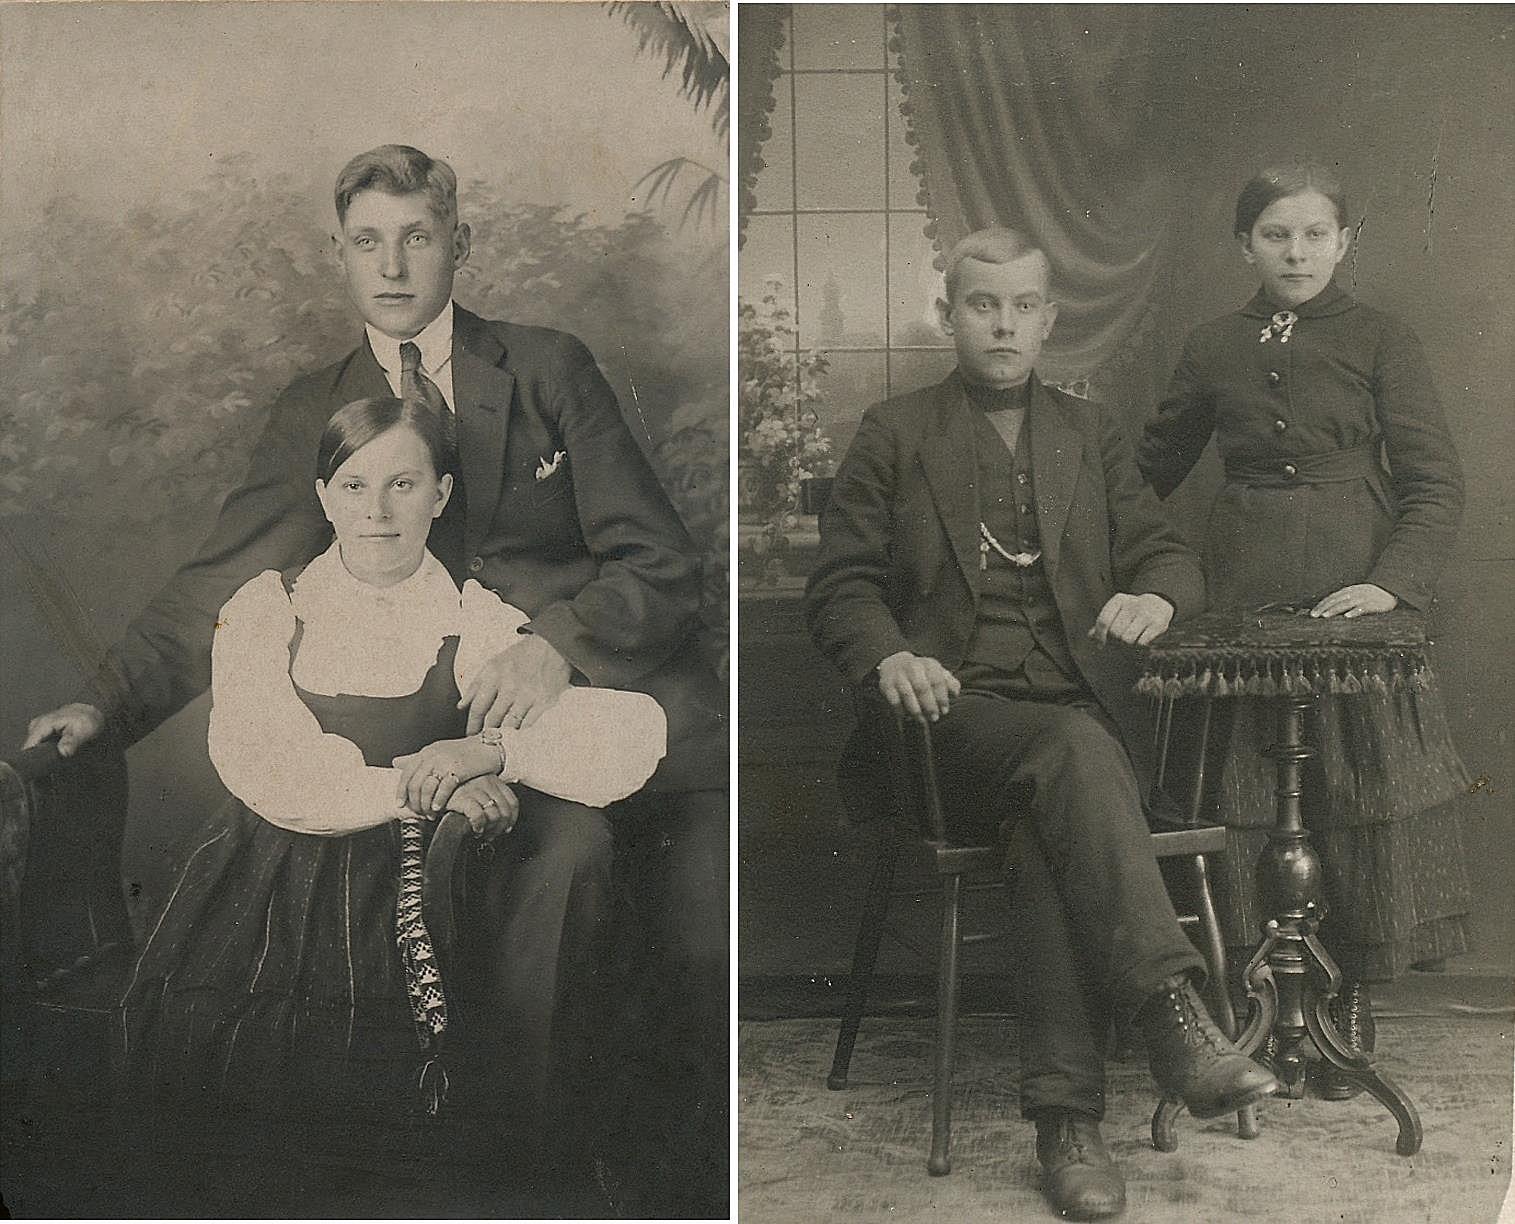 På fotot till vänster yngsta dottern Hilma Kaskimäki tillsammans med sin man Emil Sigg, de bodde en tid på Byåsen i en gård som stod där stadens radhus står i dag, sedan bodde de i Helsingfors. På bilden till höger Hilma tillsammans med sin bror Frans år 1918.